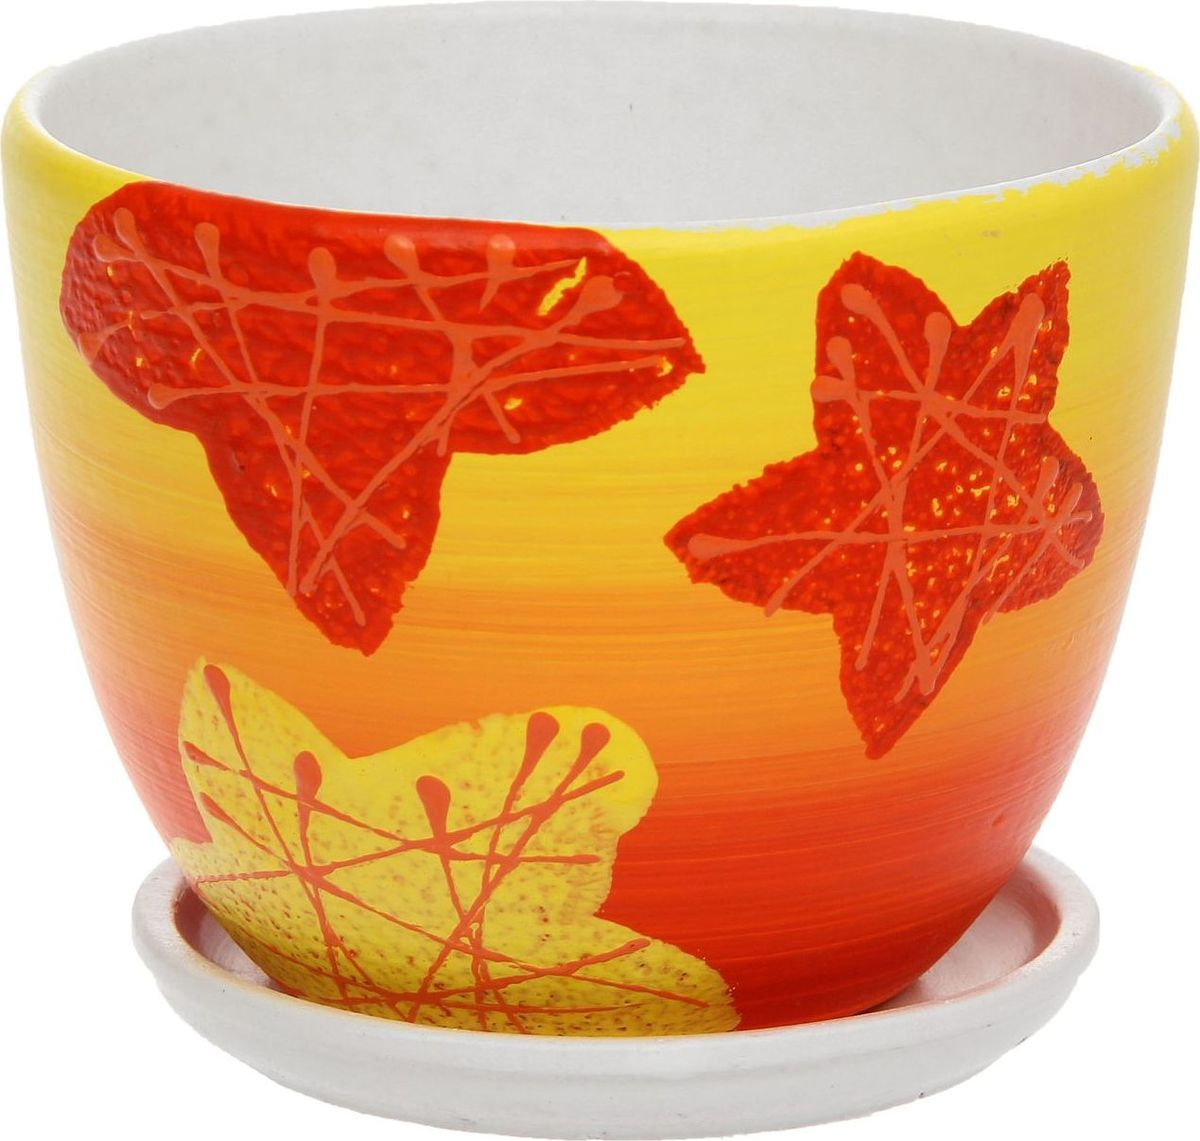 Кашпо Биколор, цвет: красный, 0,6 л1138528Комнатные растения — всеобщие любимцы. Они радуют глаз, насыщают помещение кислородом и украшают пространство. Каждому из них необходим свой удобный и красивый дом. Кашпо из керамики прекрасно подходят для высадки растений: за счет пластичности глины и разных способов обработки существует великое множество форм и дизайнов пористый материал позволяет испаряться лишней влаге воздух, необходимый для дыхания корней, проникает сквозь керамические стенки! Позаботится о зеленом питомце, освежит интерьер и подчеркнет его стиль.